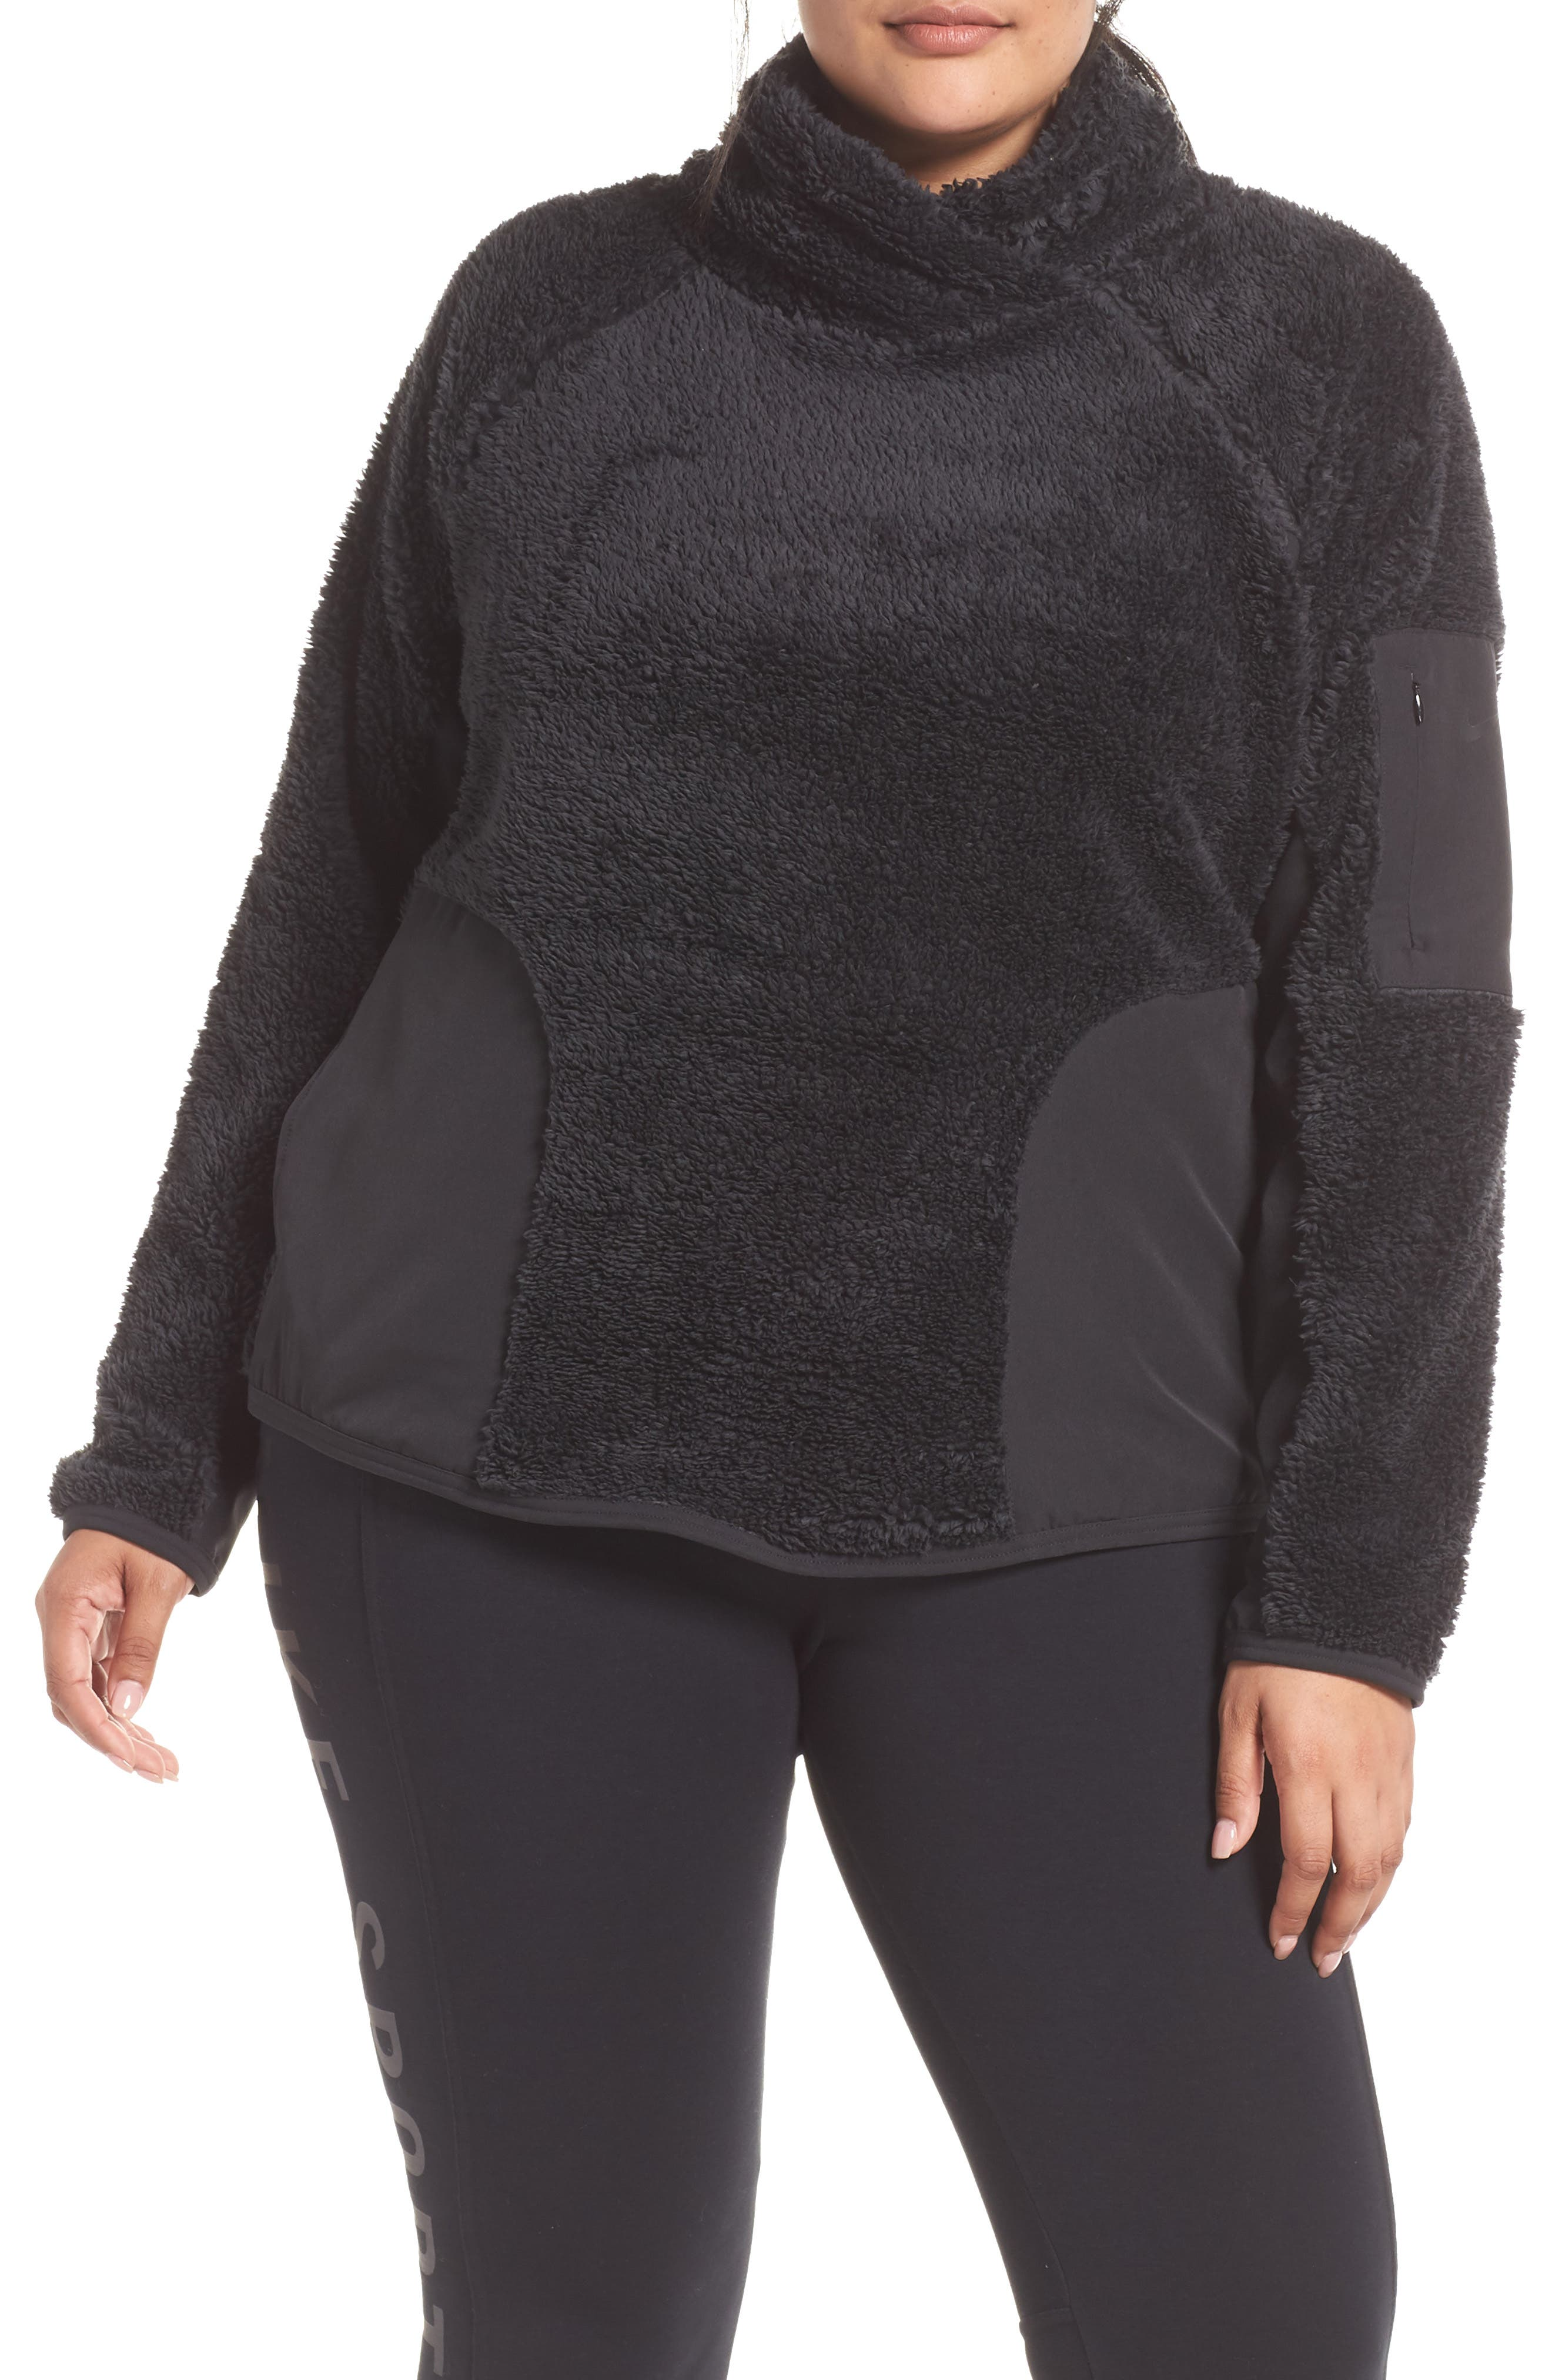 NIKE,                             Faux Shearling Pullover,                             Main thumbnail 1, color,                             BLACK/ BLACK